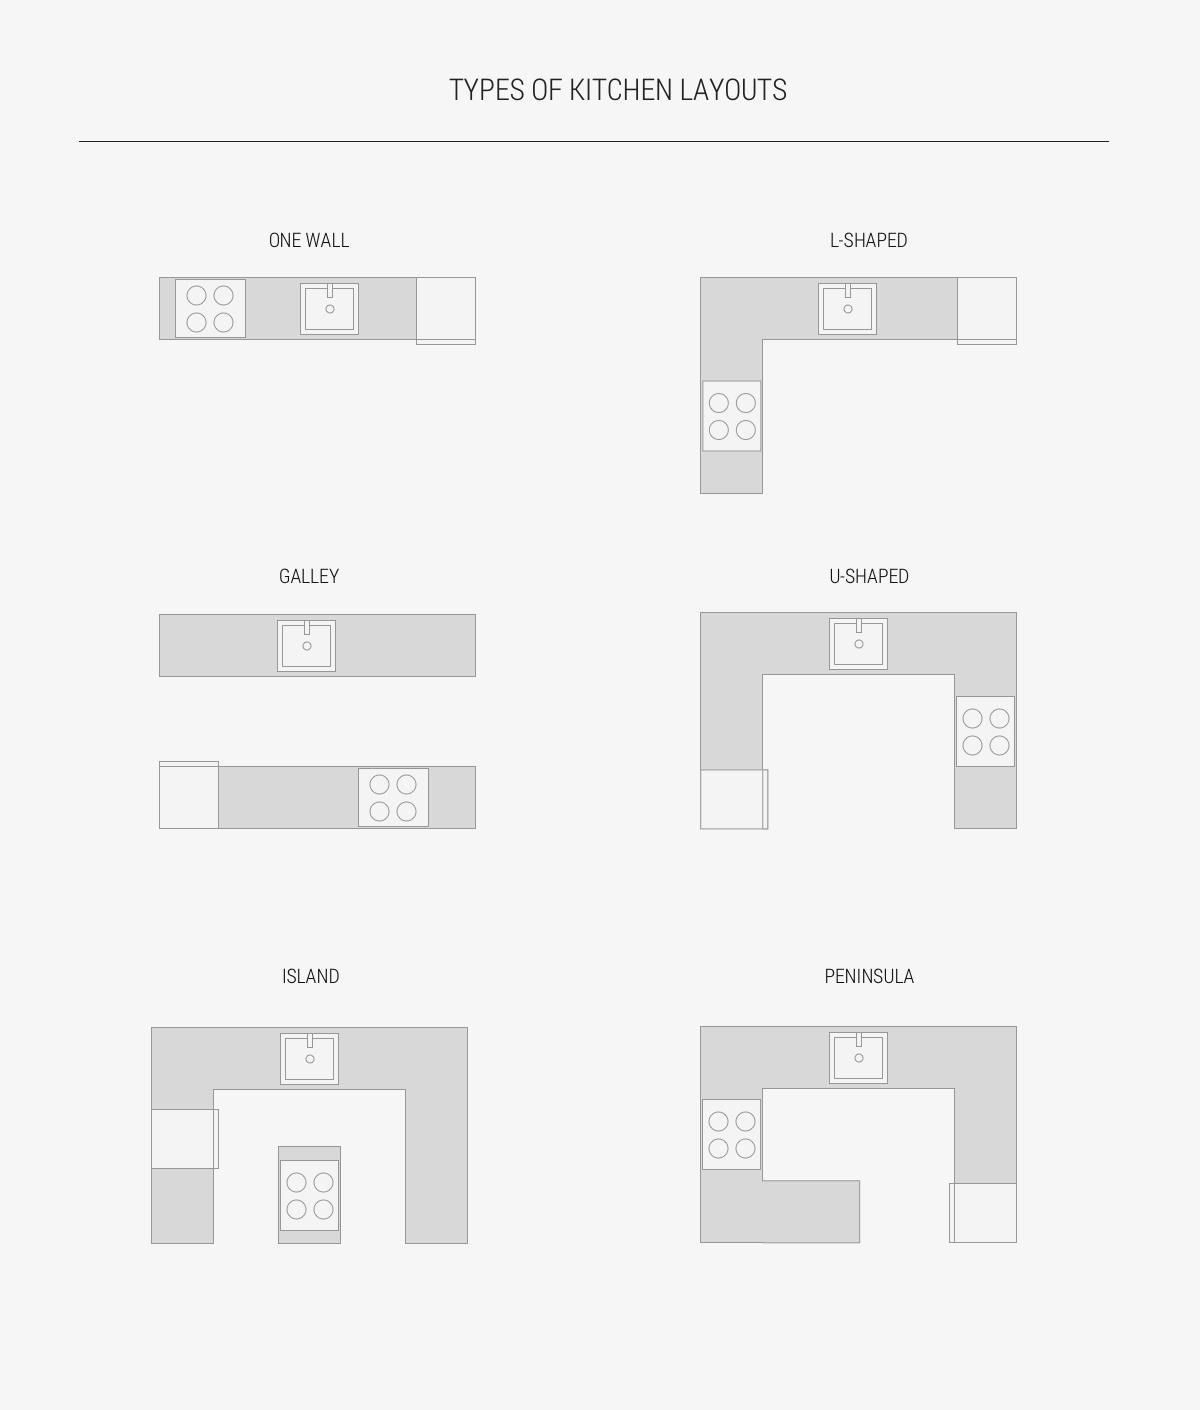 kitchen-layout-types-one-wall-galley-l-shaped-u-shaped-island-peninsula